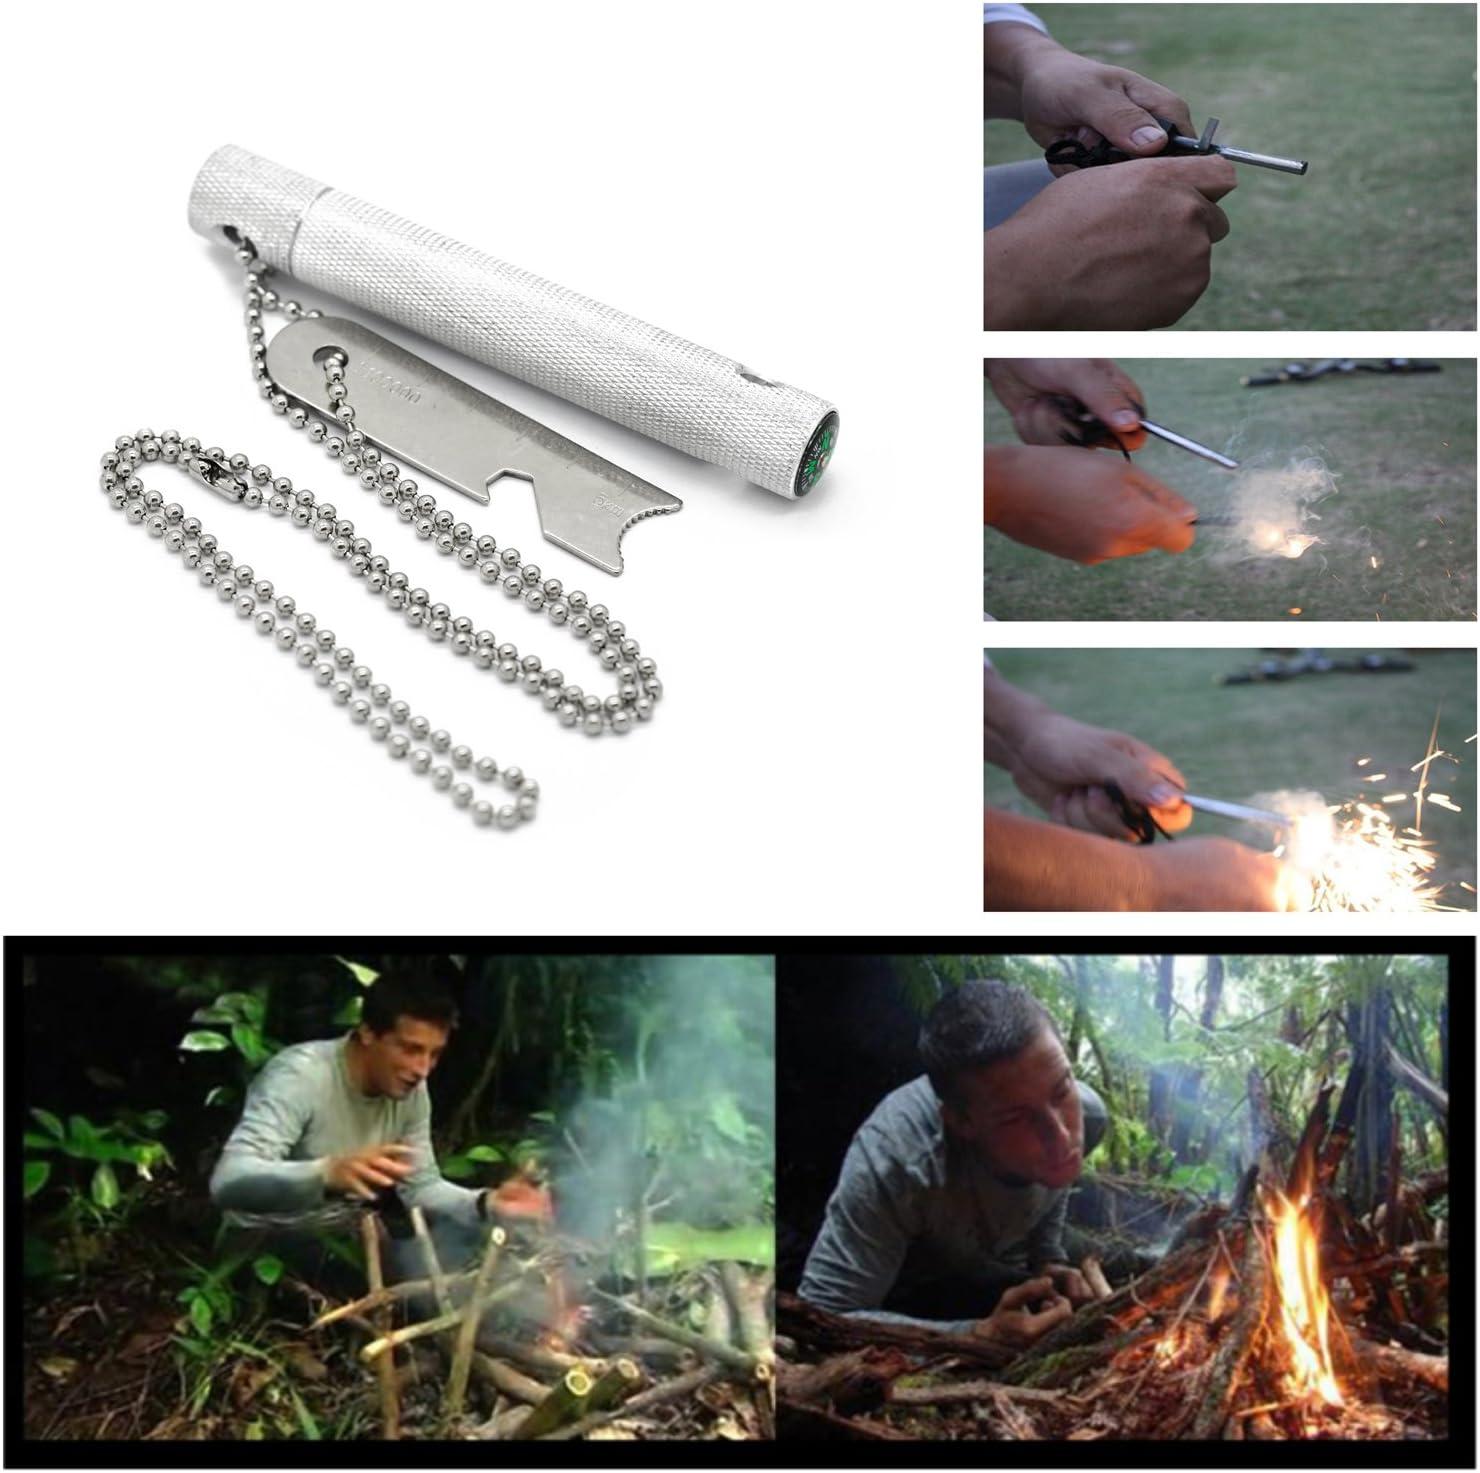 Grenhaven pedernal Firesteel arrancador de fuego en una longitud de pluma de plata robusta carcasa 6 cm 9.000 disparos de supervivencia de caza que acampa al aire libre Abridor Lighter